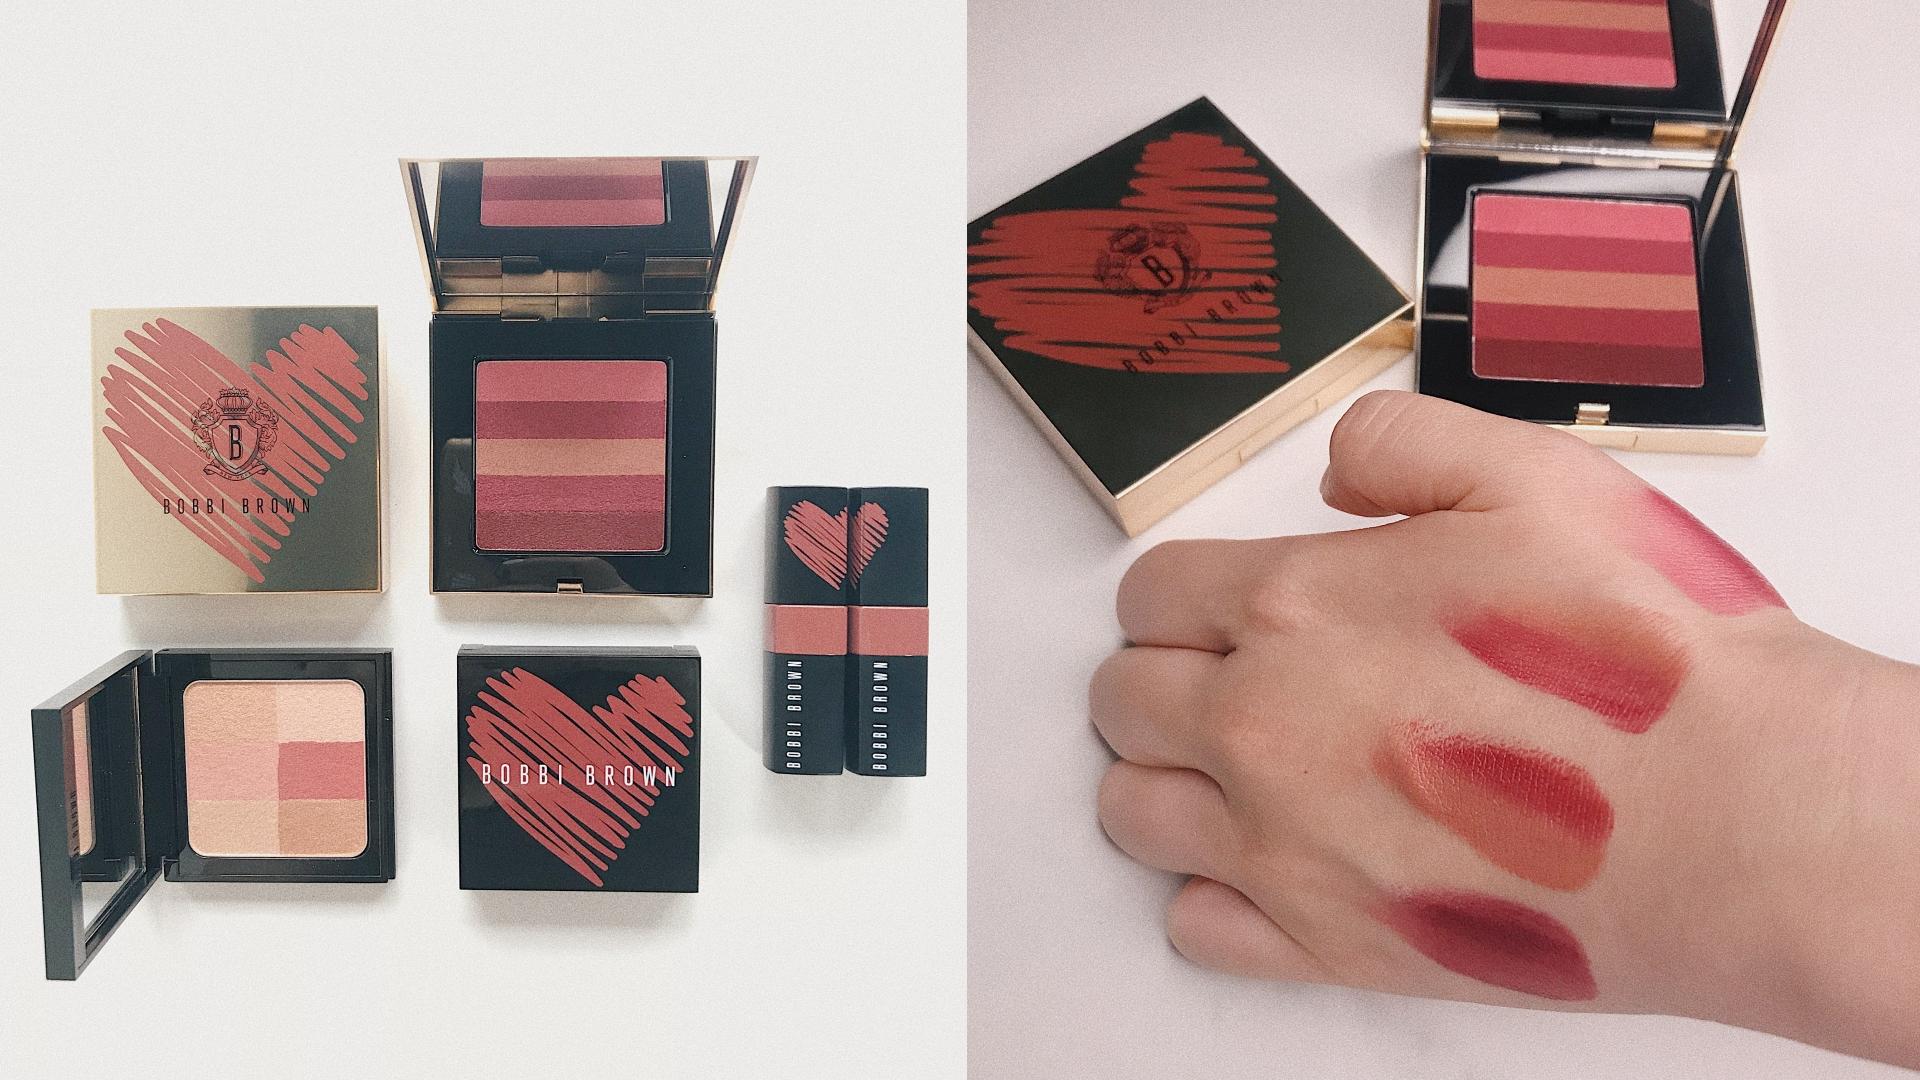 一盤擁有粉嫩、裸色、棕紅色,而且質地超級水潤有光澤。裡面還附贈攜帶式唇刷,讓你外出超方便補妝!